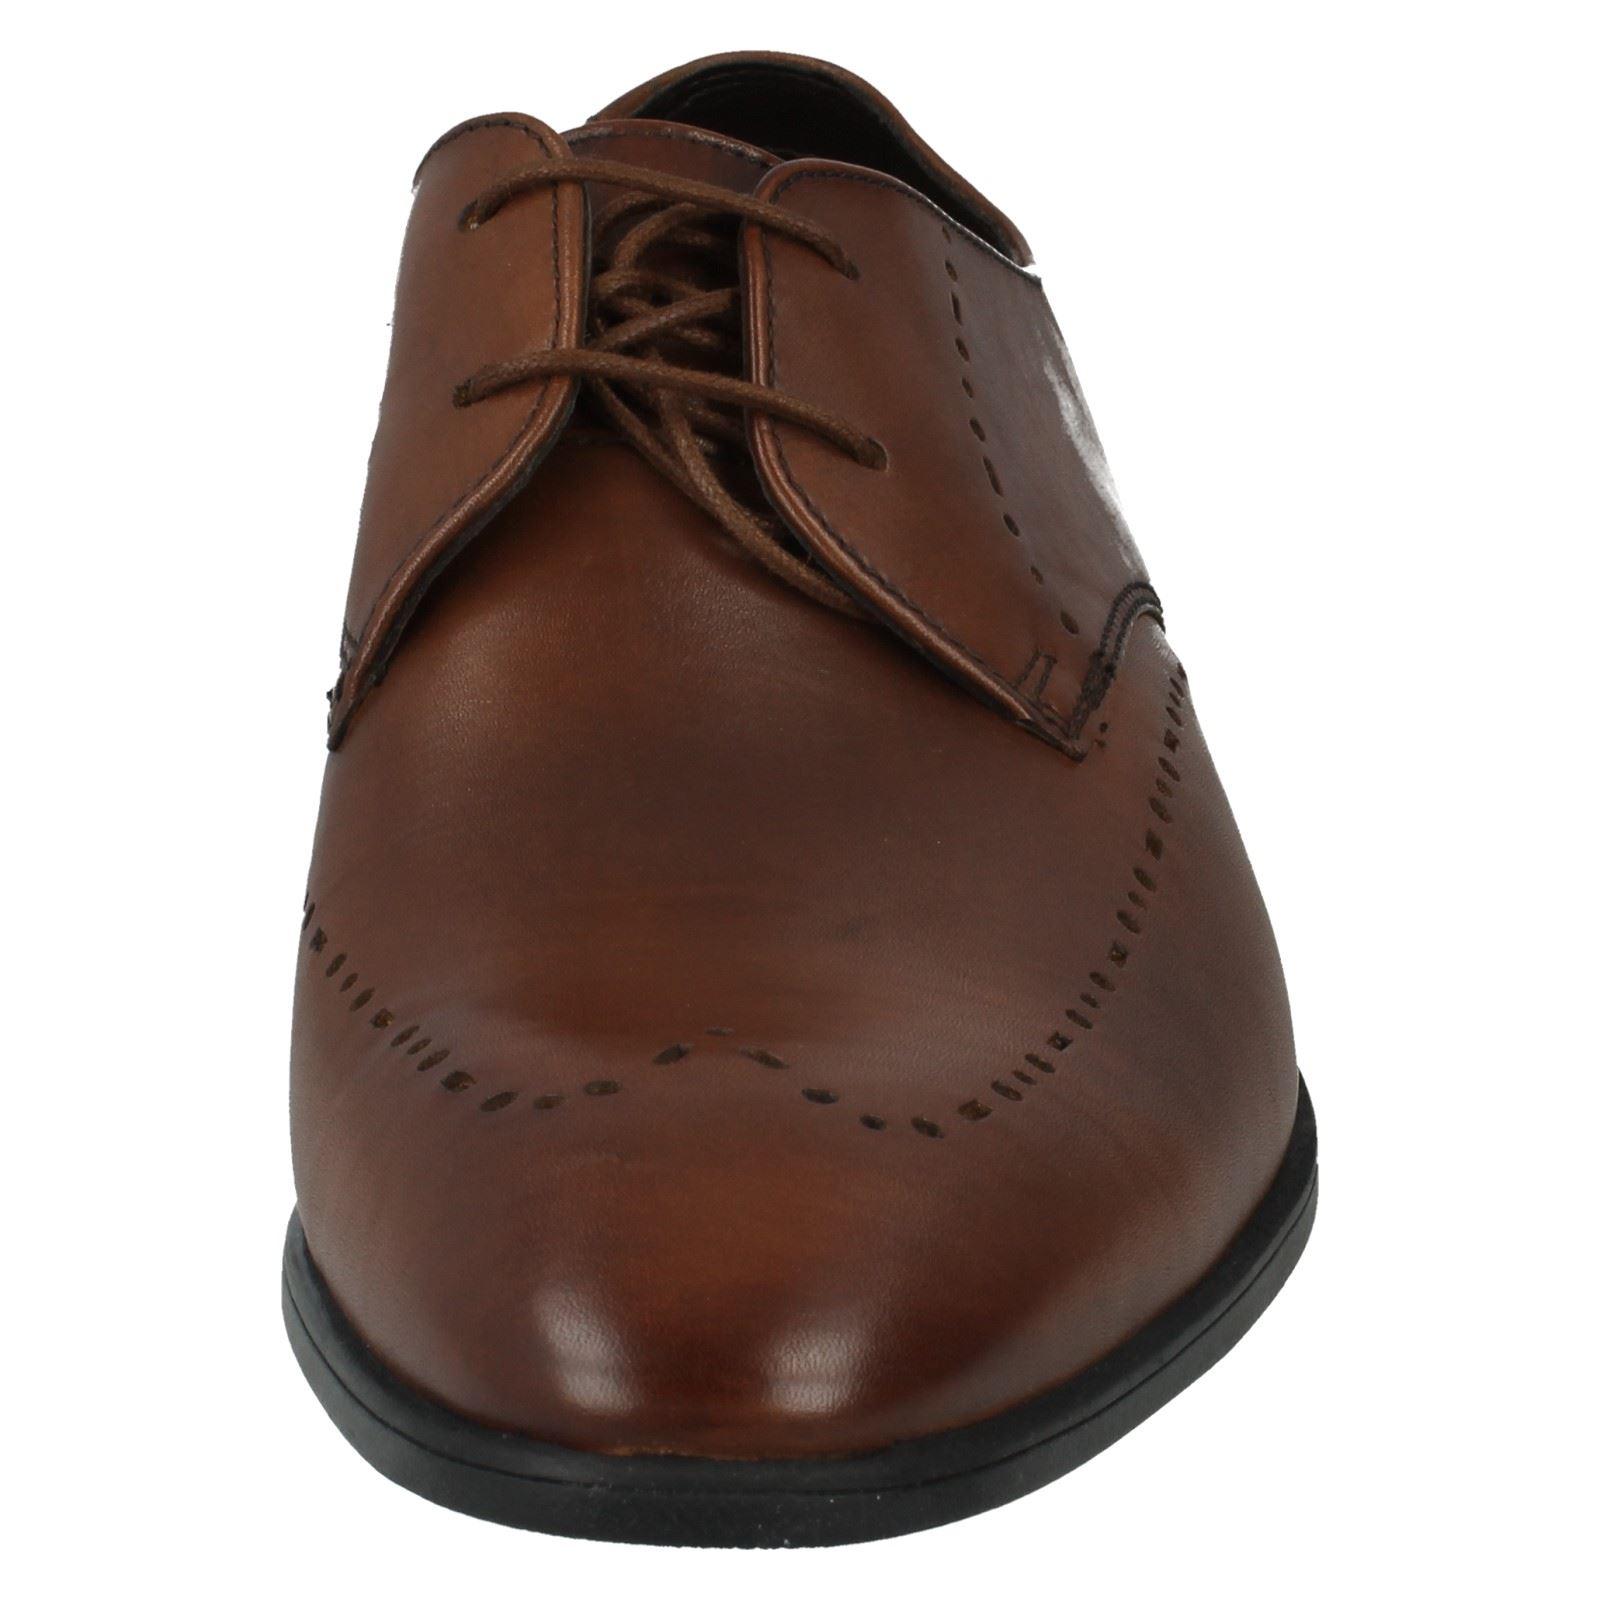 Men's Clarks Formal Lace Up Shoes Limit The Style - Bampton Limit Shoes cec754